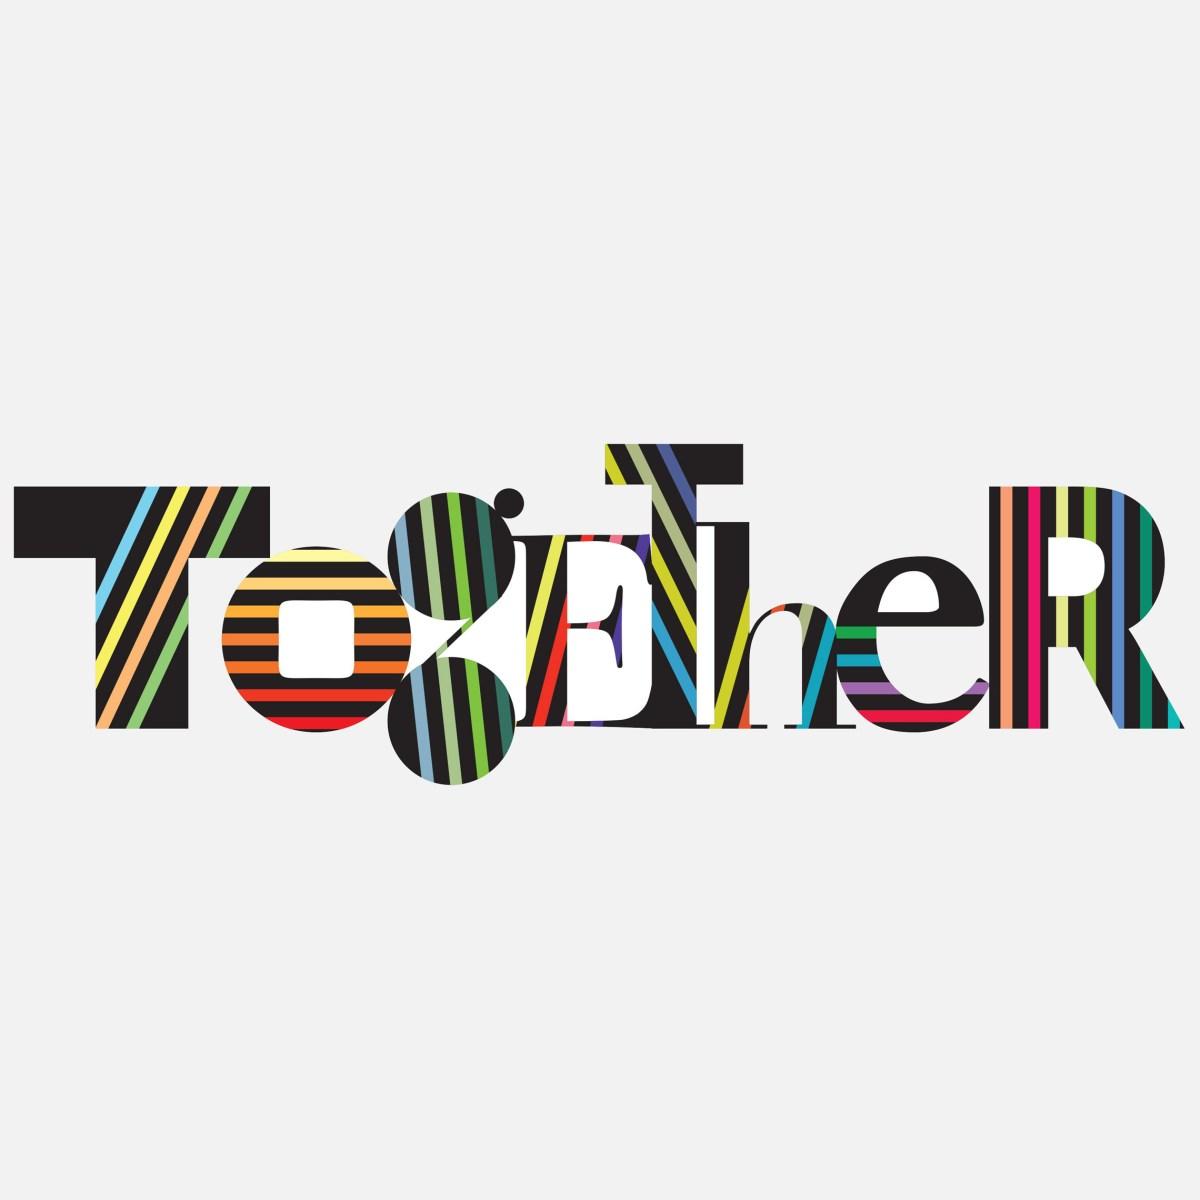 milton-glaser-graphic-design-roundup_dezeen_2364_col_11-1